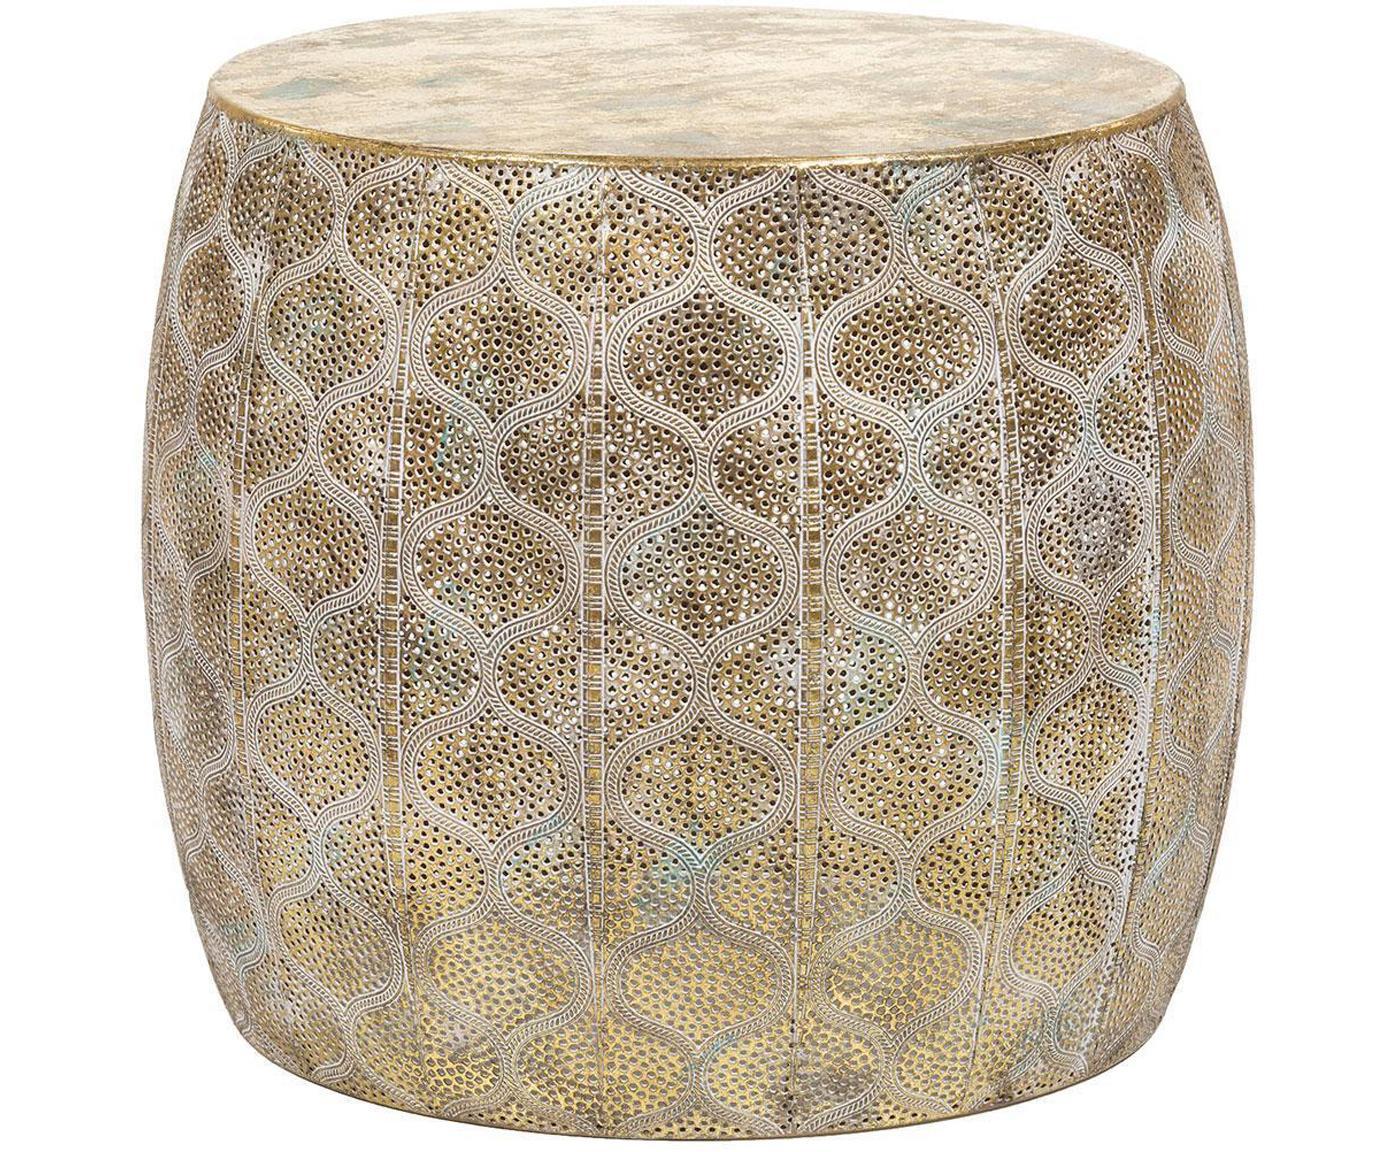 Taburete Mosaico, Hierro con efecto envejecido, Dorado envejecido , Ø 44 x Al 38 cm